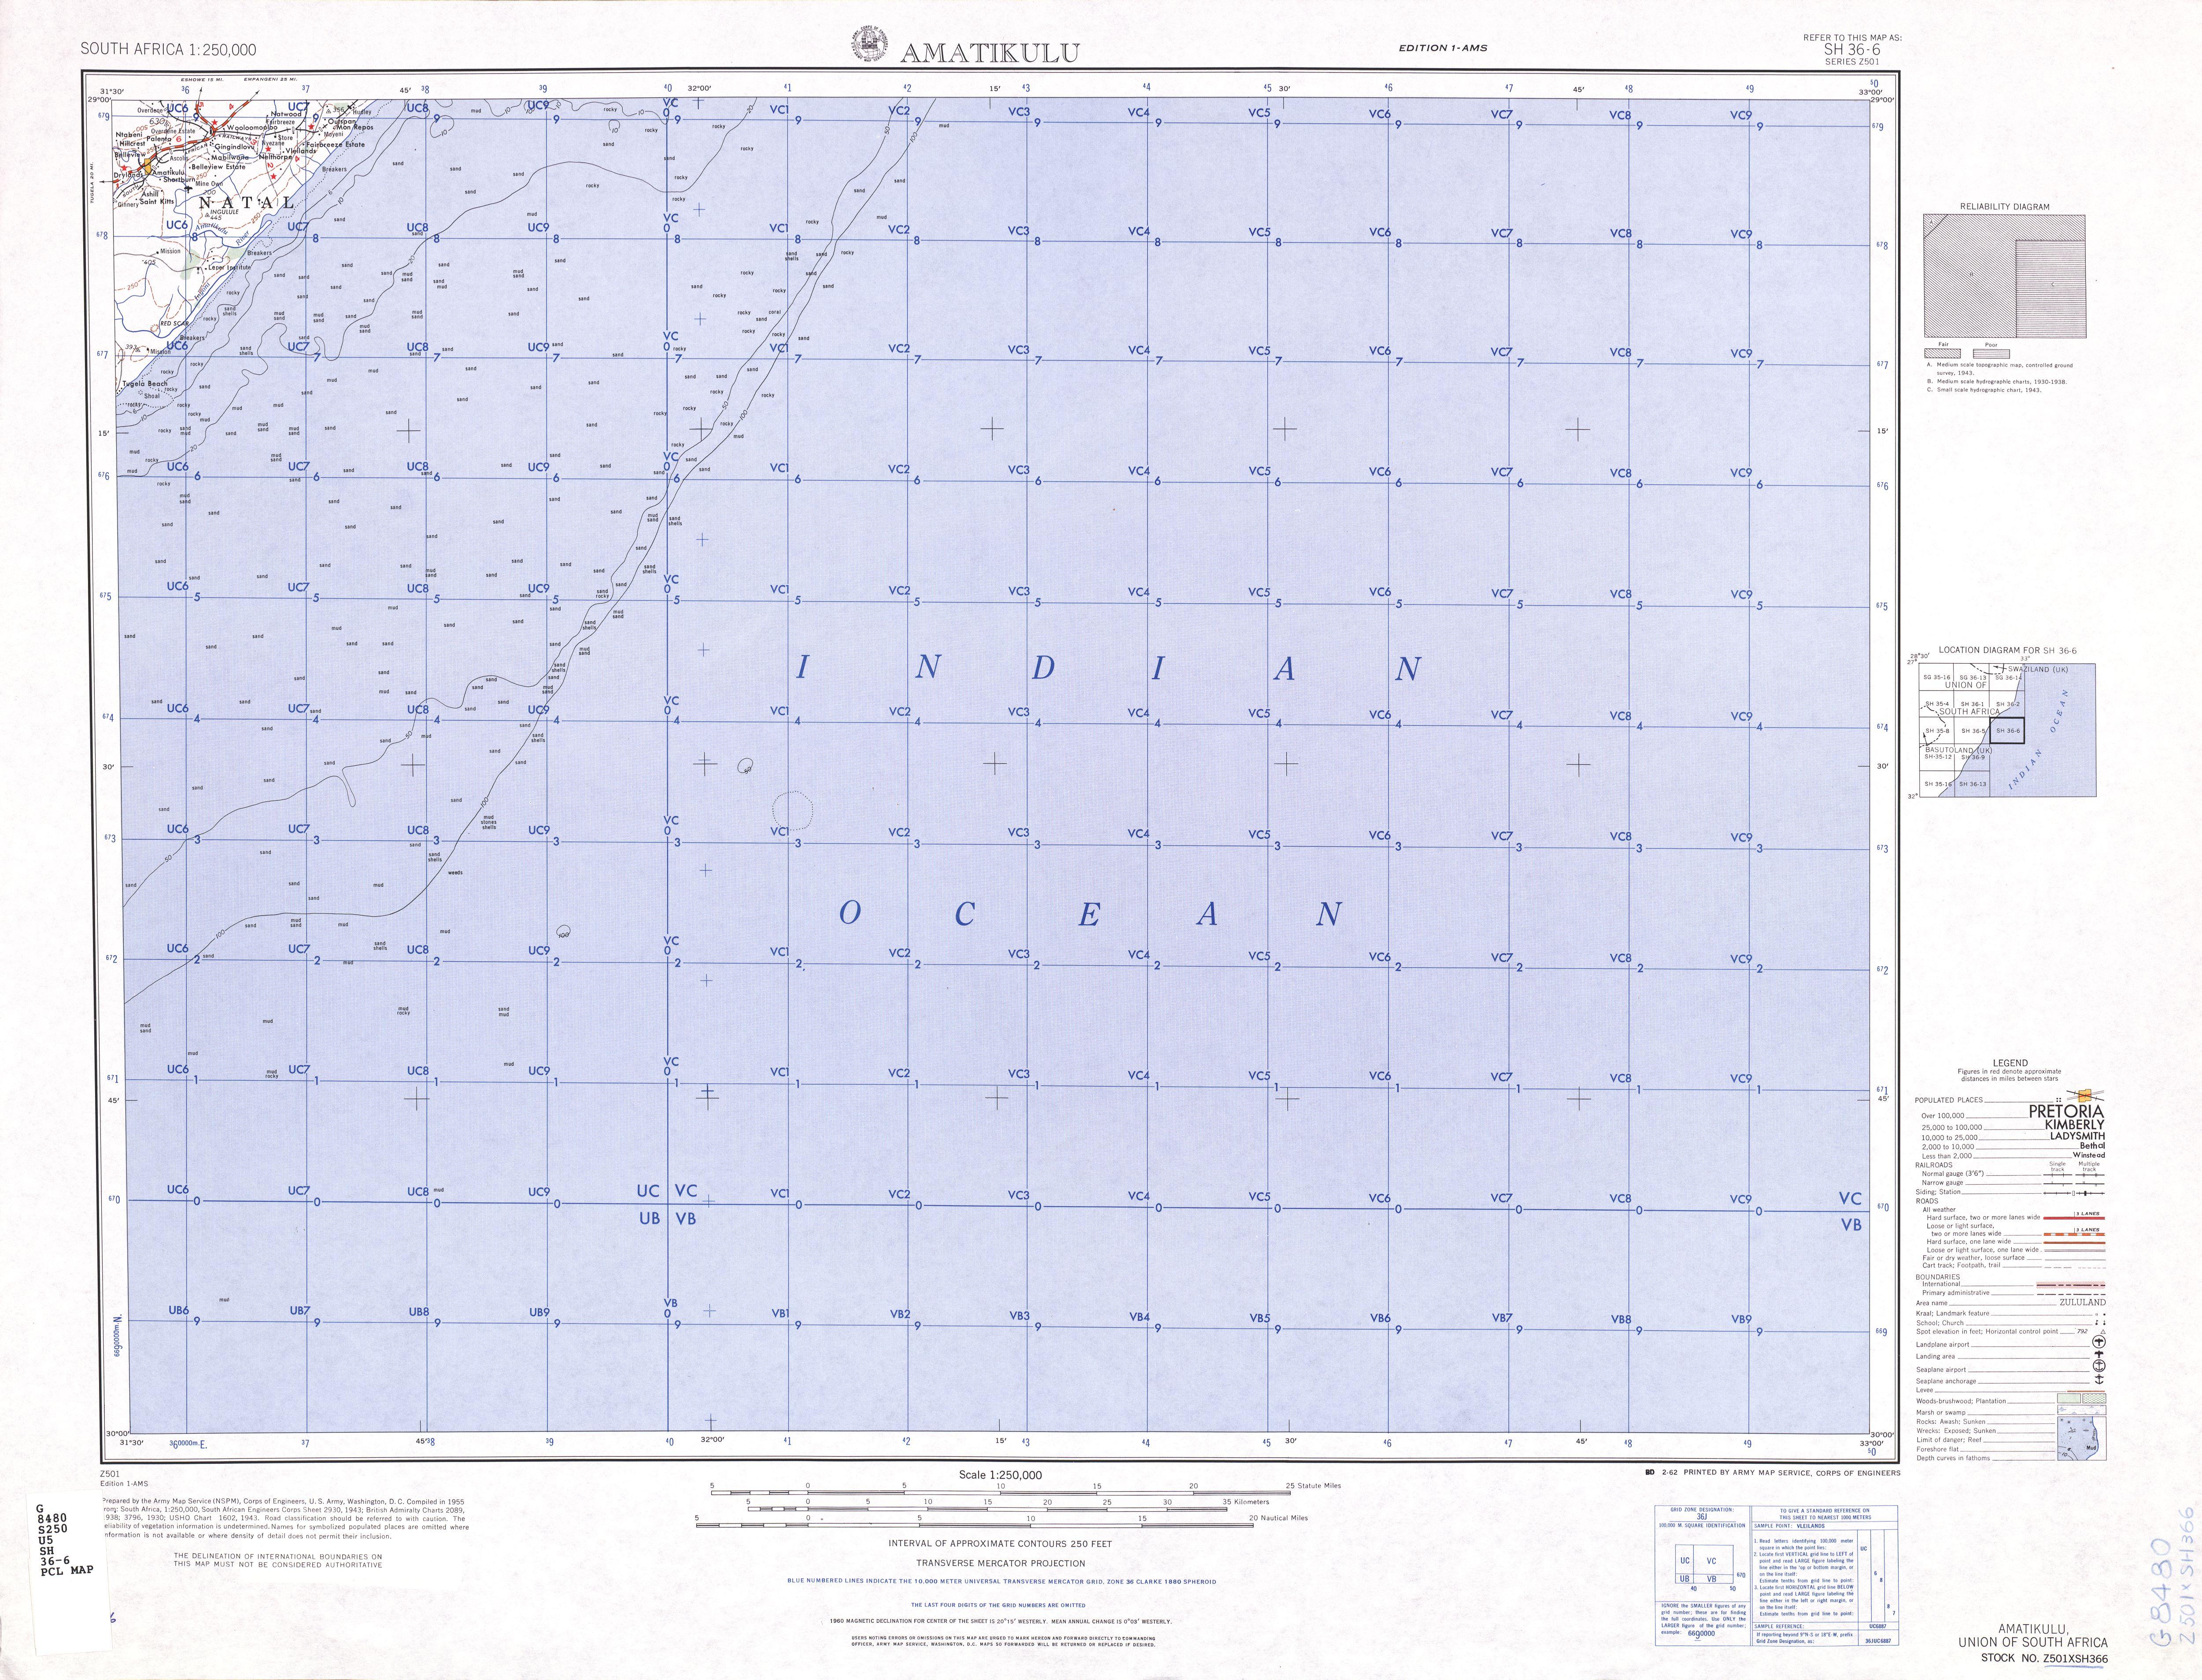 Amatikulu Topographic Map Sheet, Southern Africa 1954